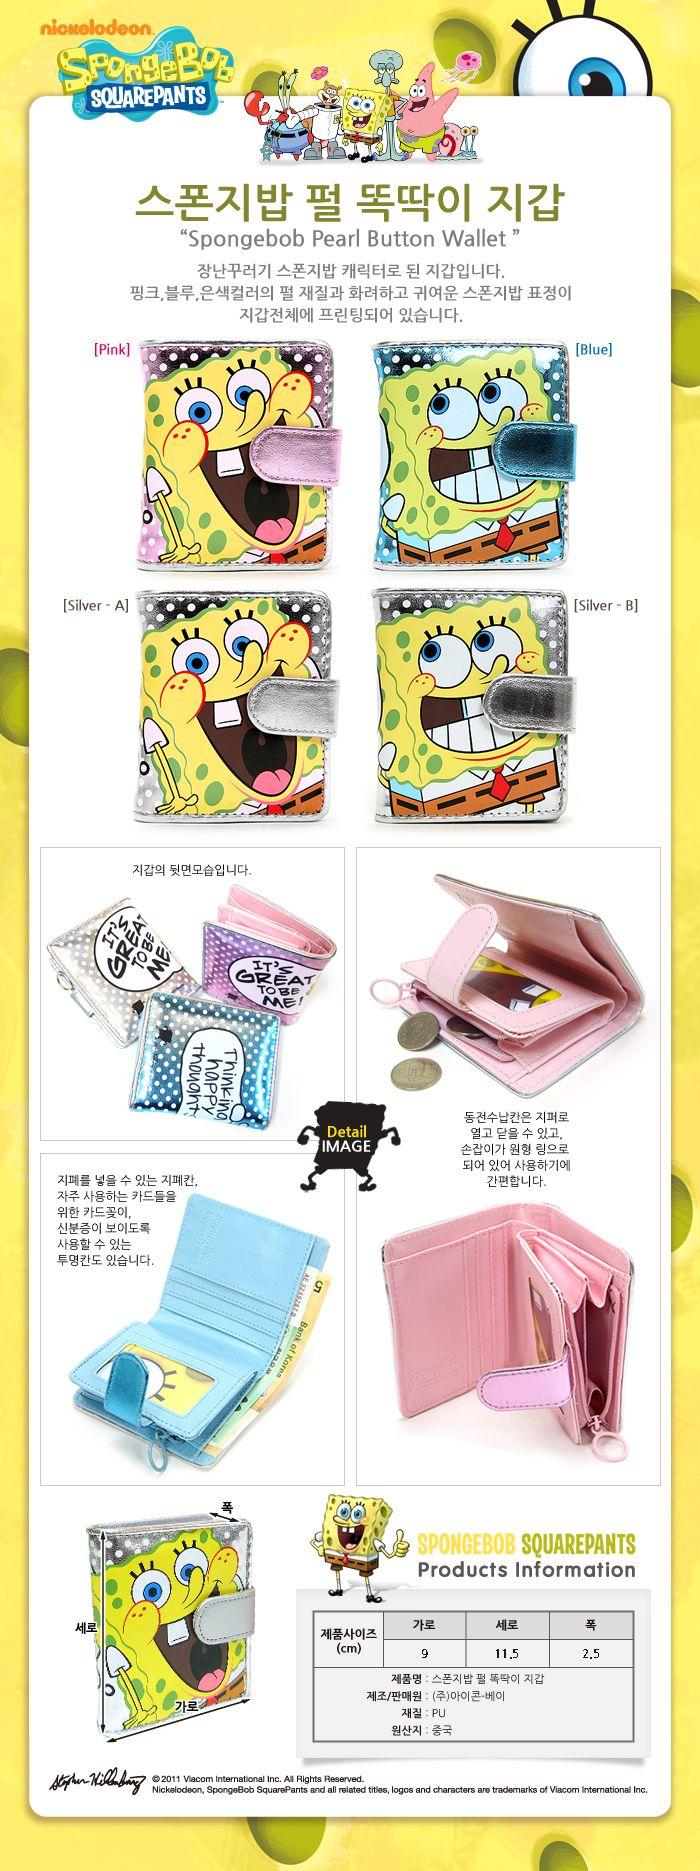 Spongebob Pearl Folder Wallet